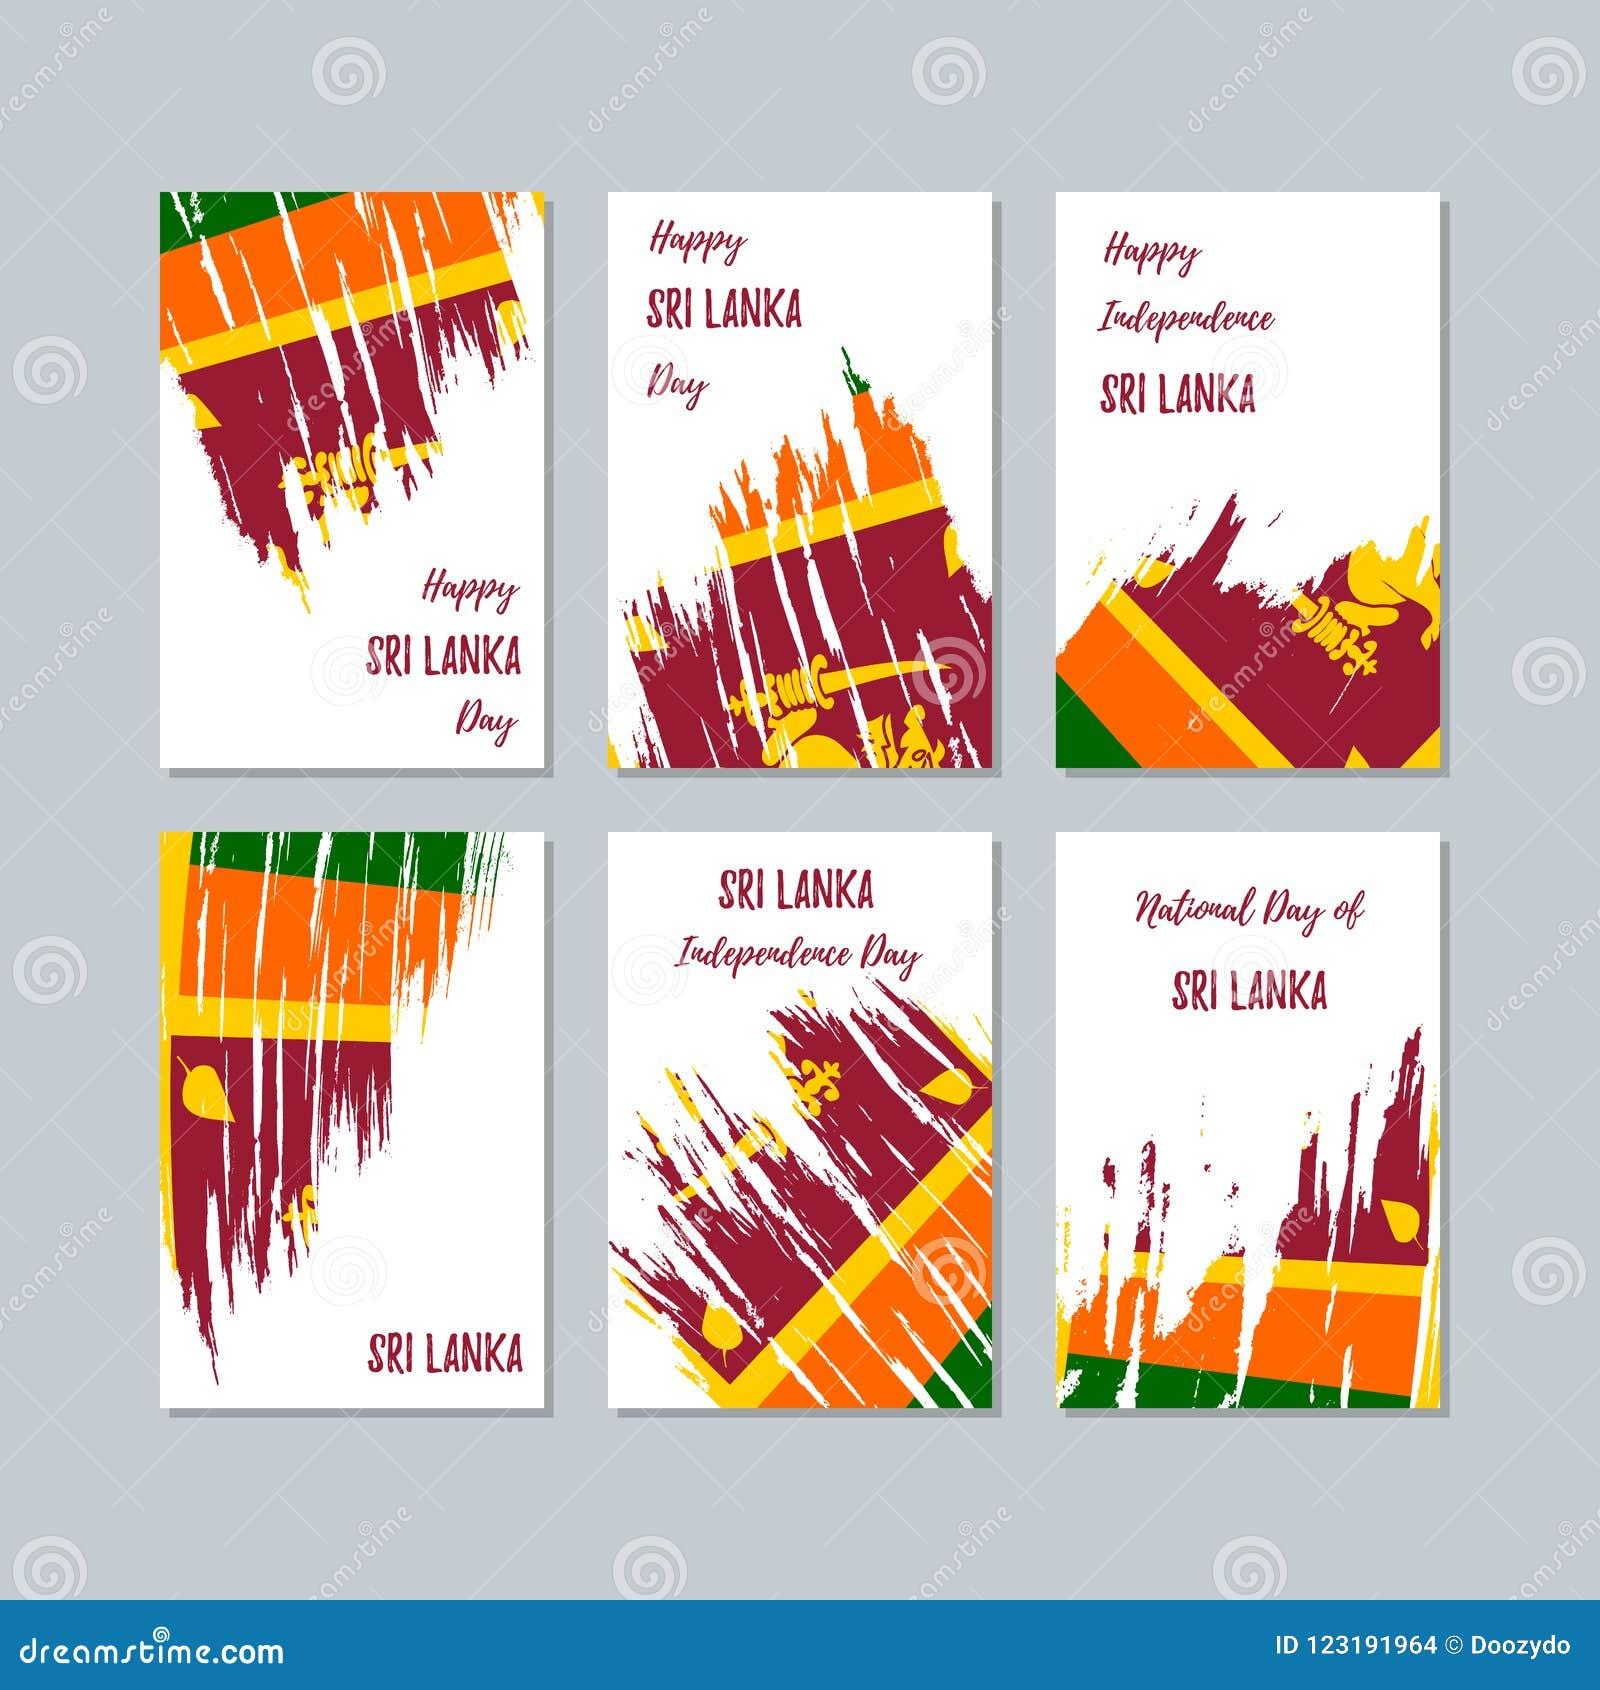 Sri Lanka Patriotic Cards For National Day Stock Vector